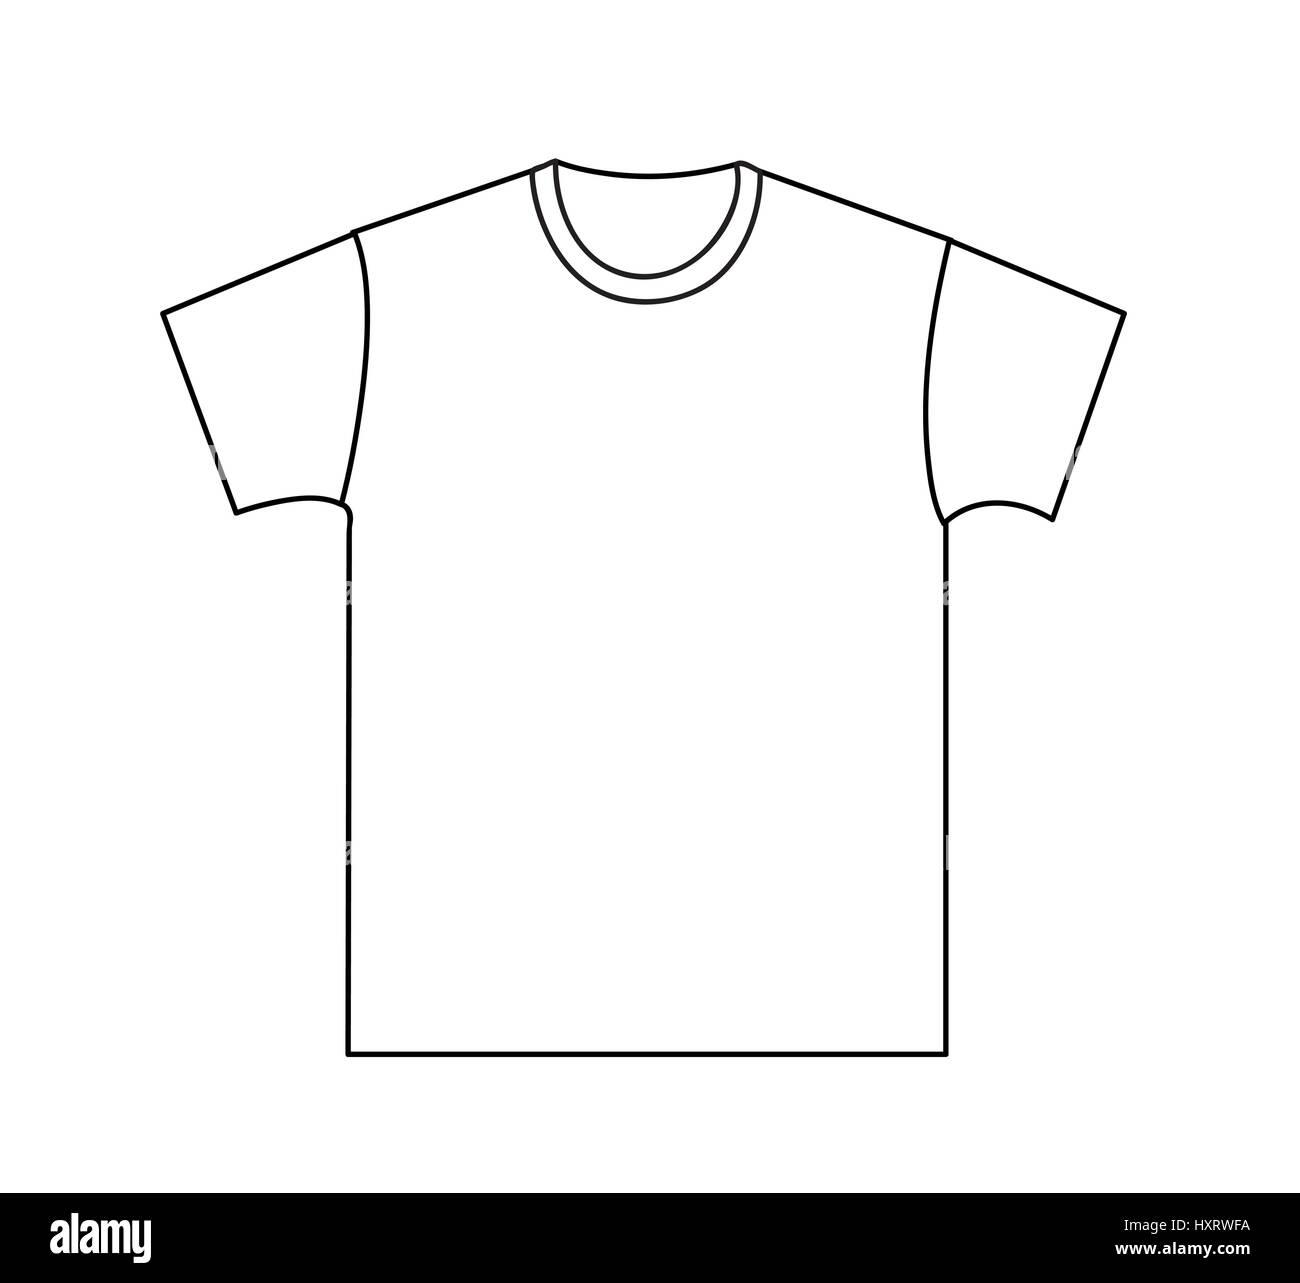 Blank T Shirt Schablone Vorder Und Ruckseite